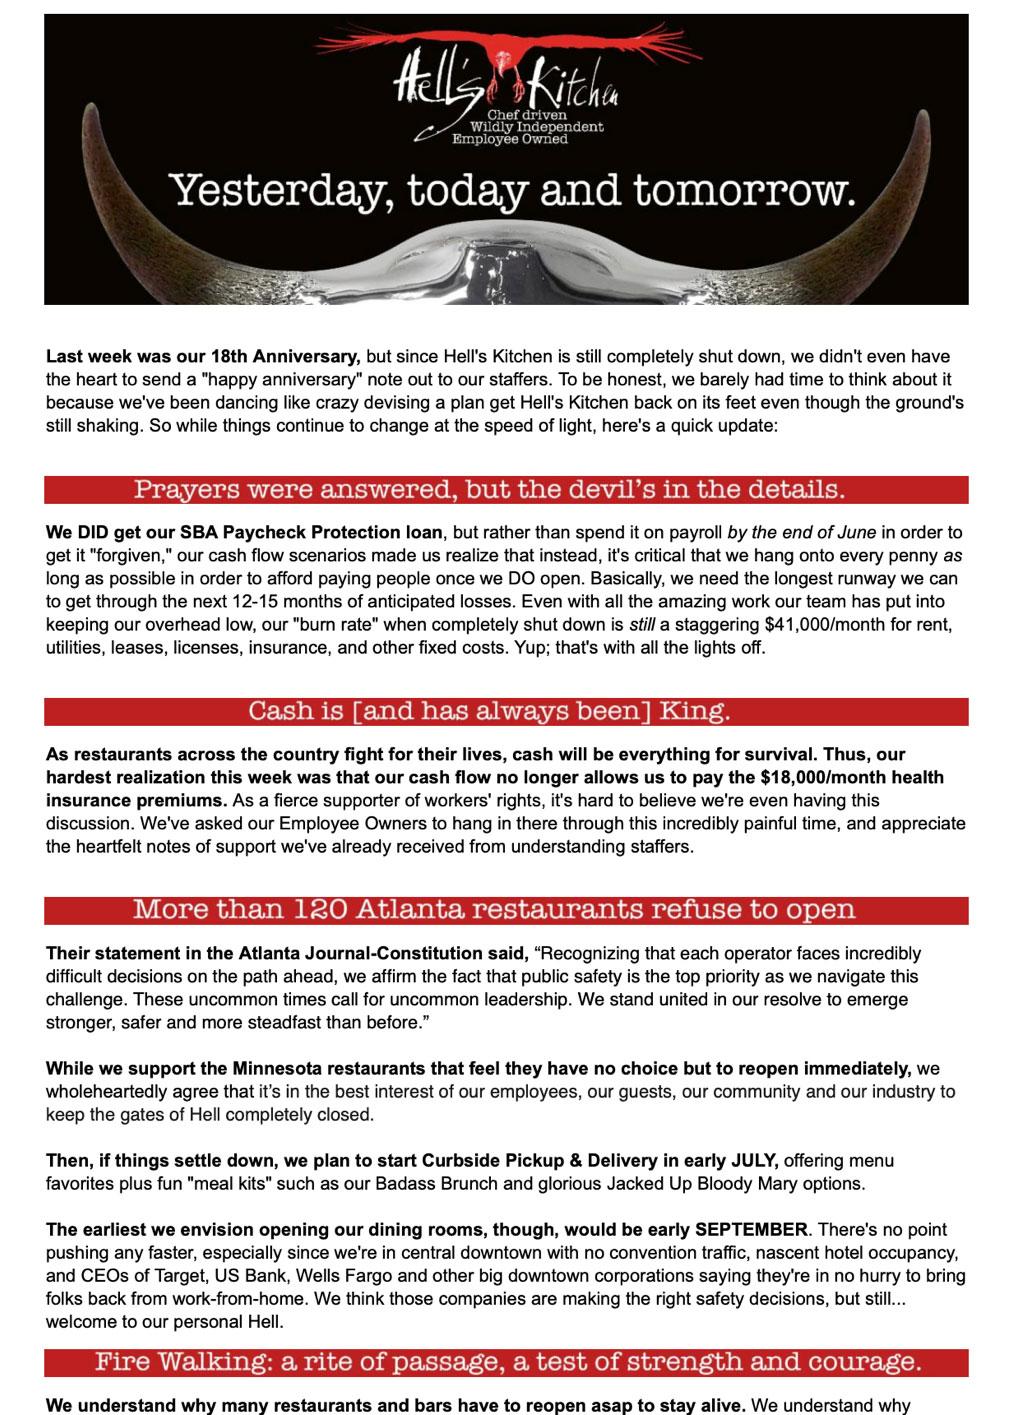 Hells Kitchen Newsletter